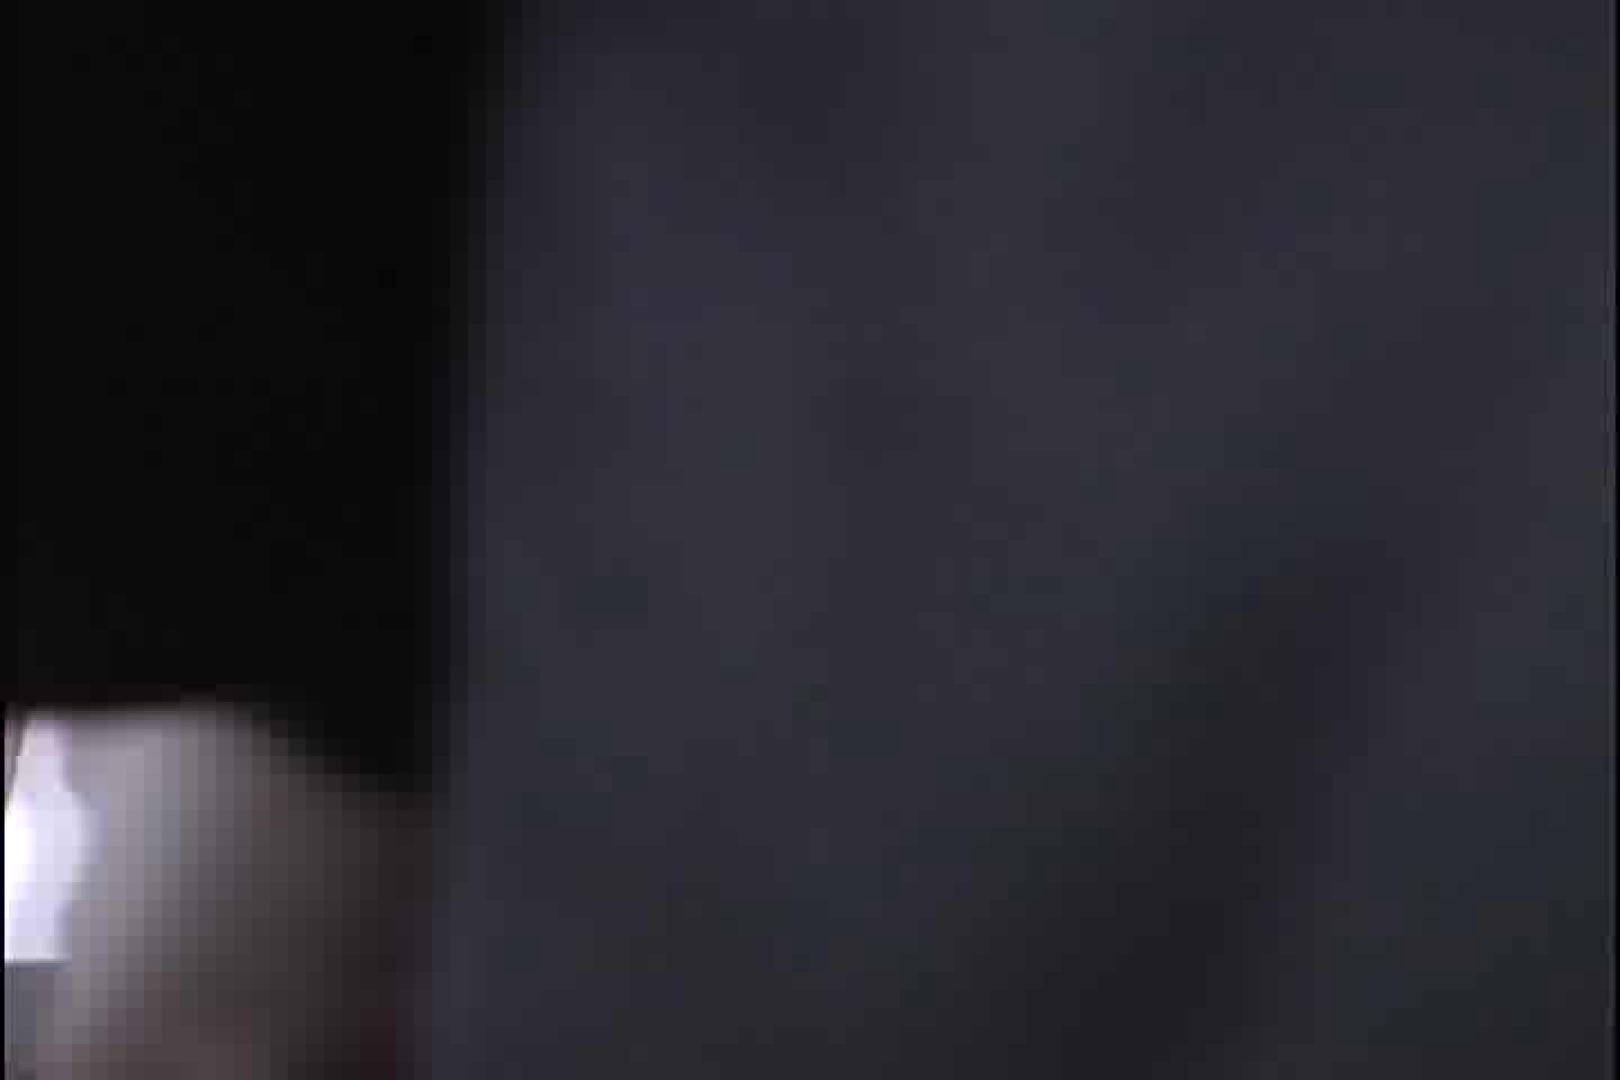 RQカメラ地獄Vol.10 乳首 おまんこ無修正動画無料 109pic 81